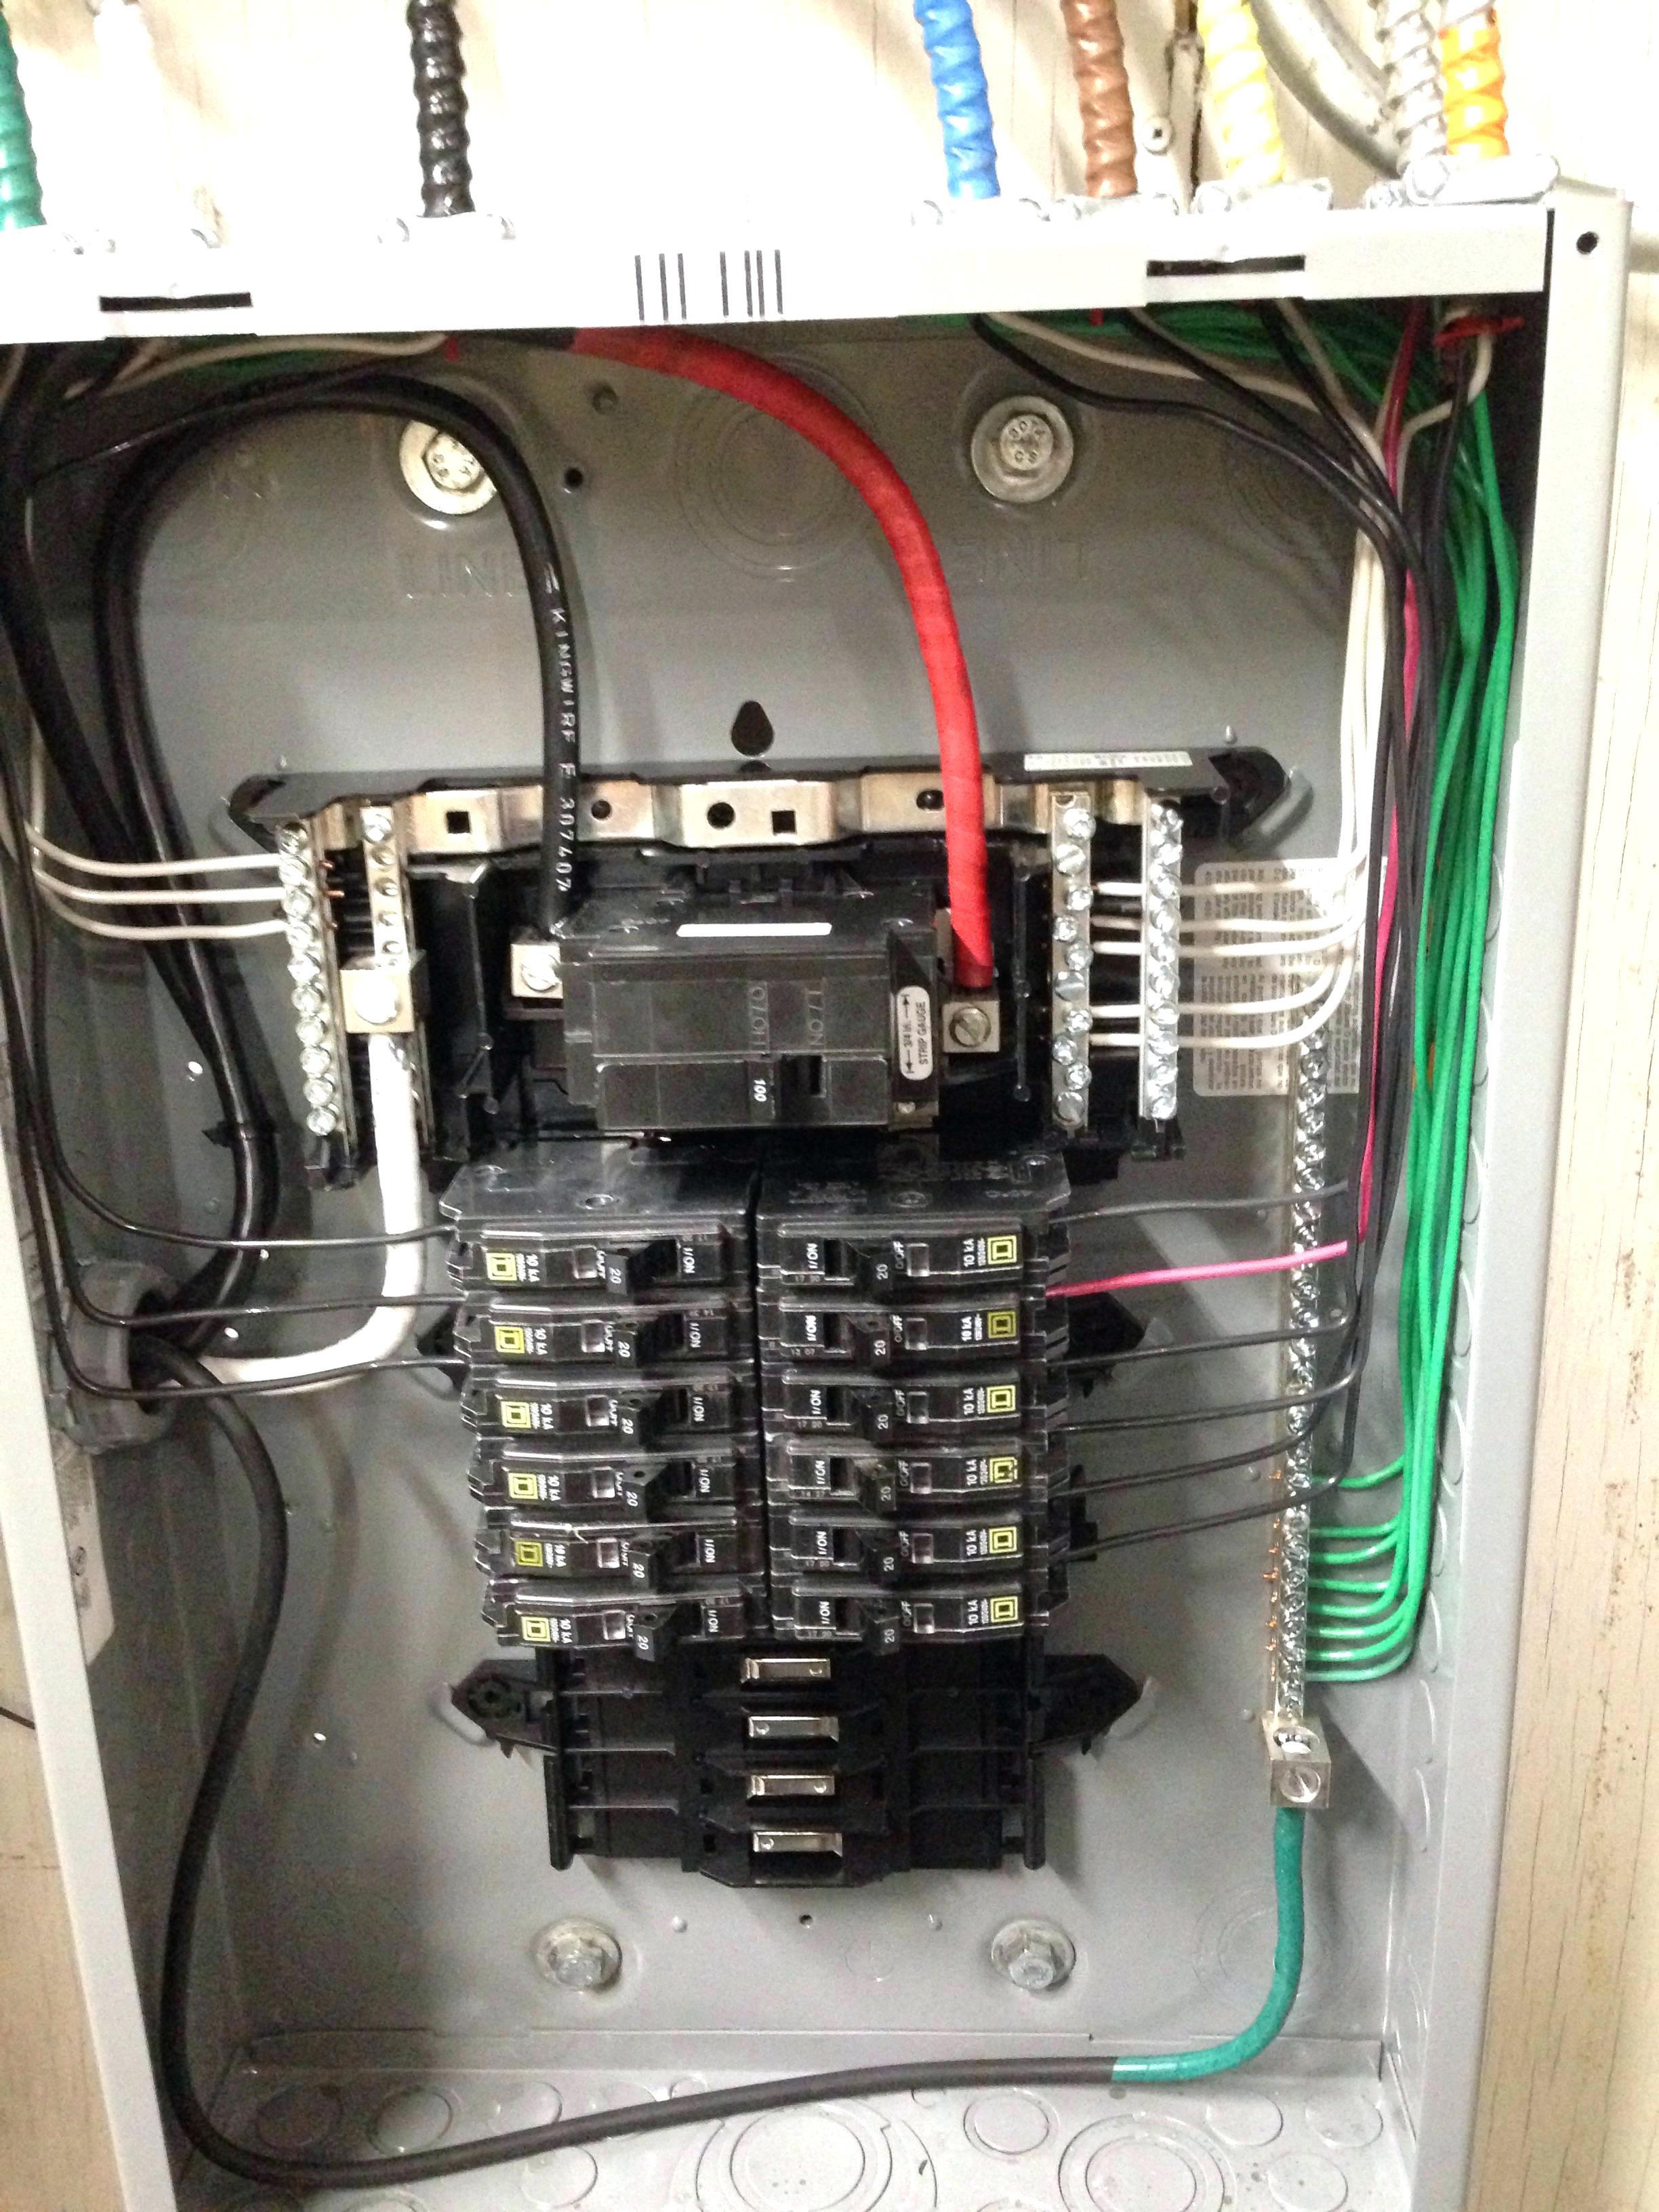 200 Amp Breaker Panel Wiring Diagram | Manual E-Books - 200 Amp Breaker Box Wiring Diagram